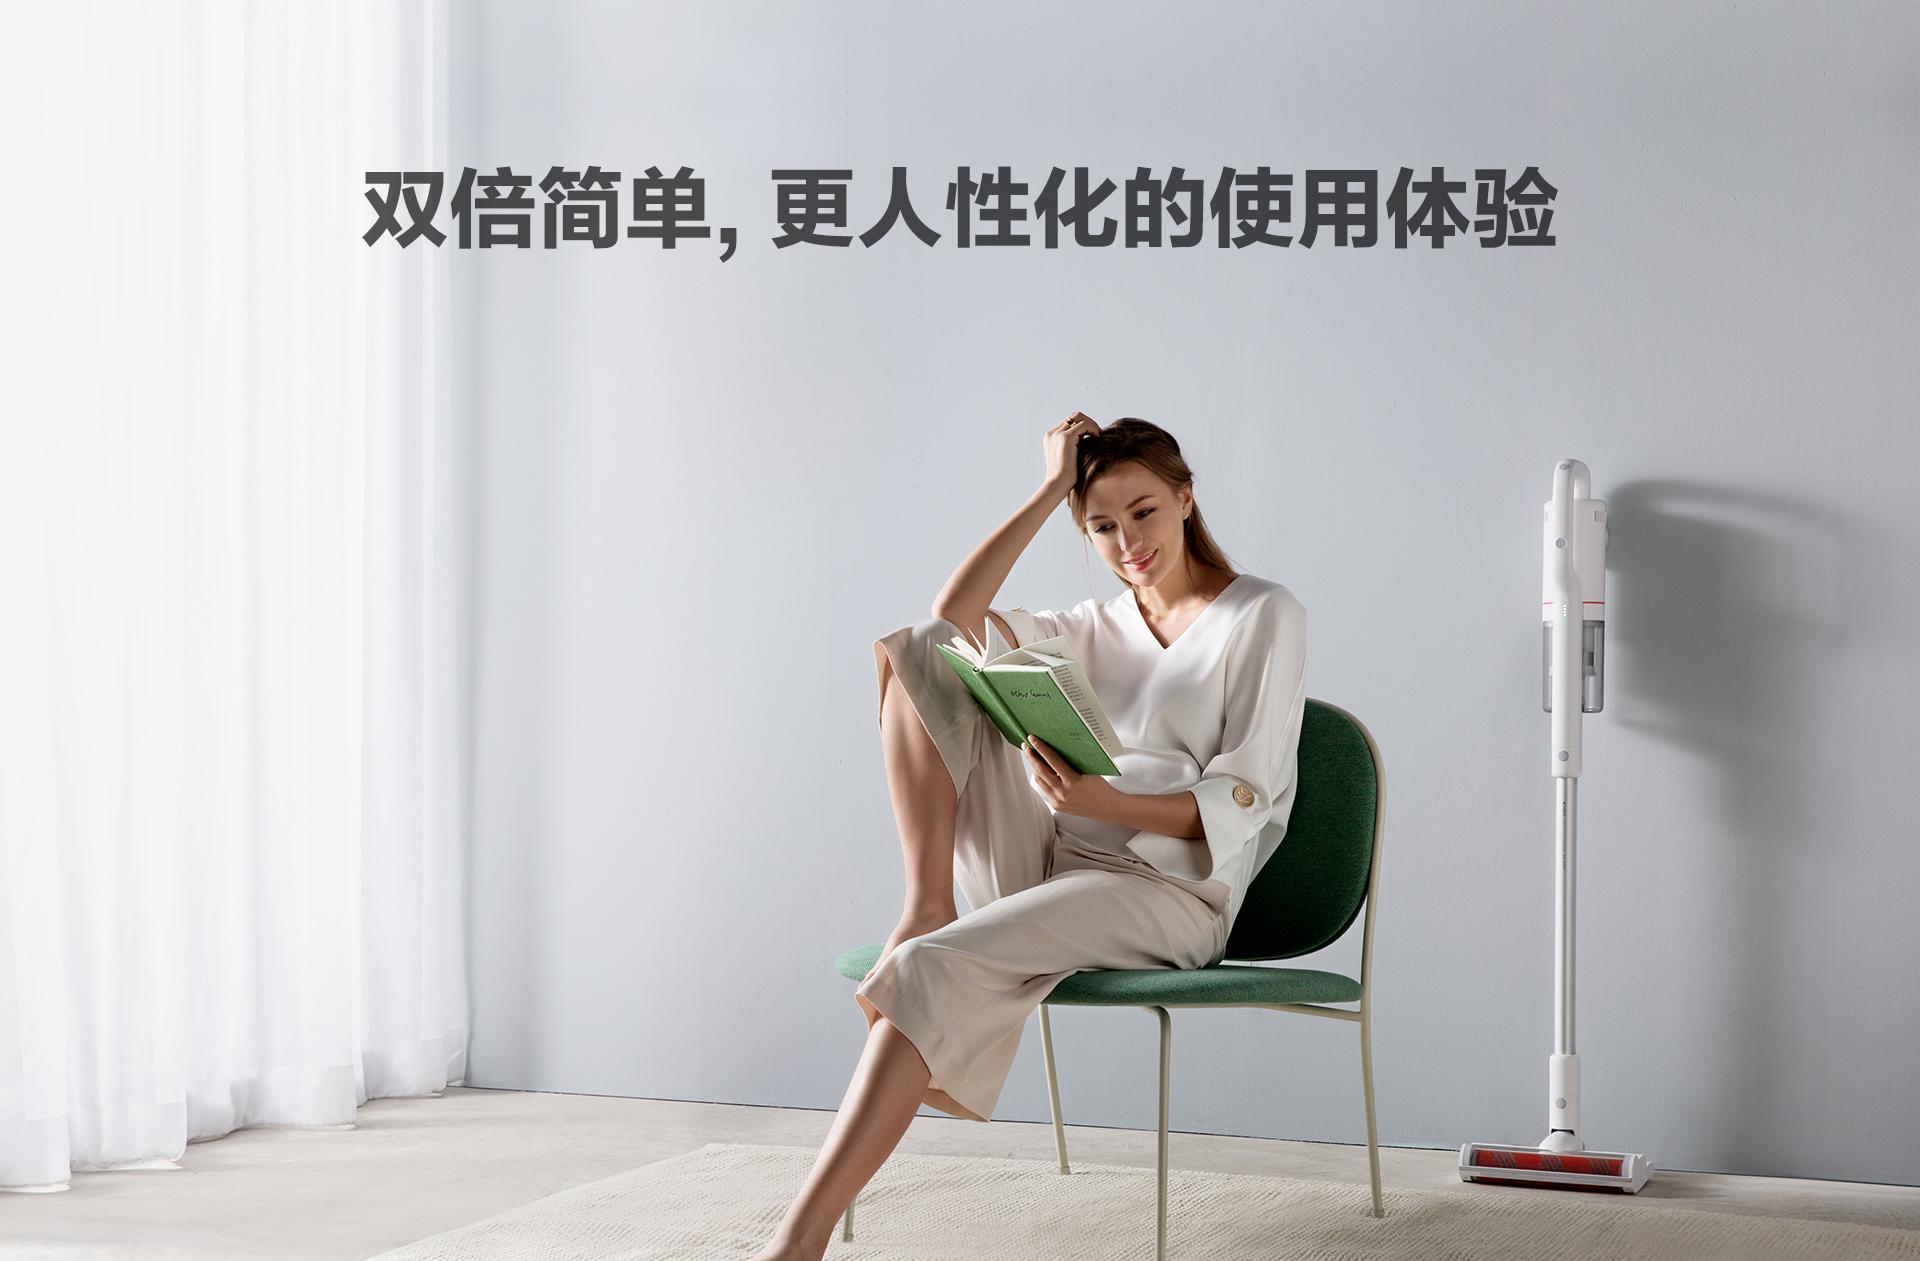 睿米手持无线吸尘器双倍简单,更人性化的使用体验